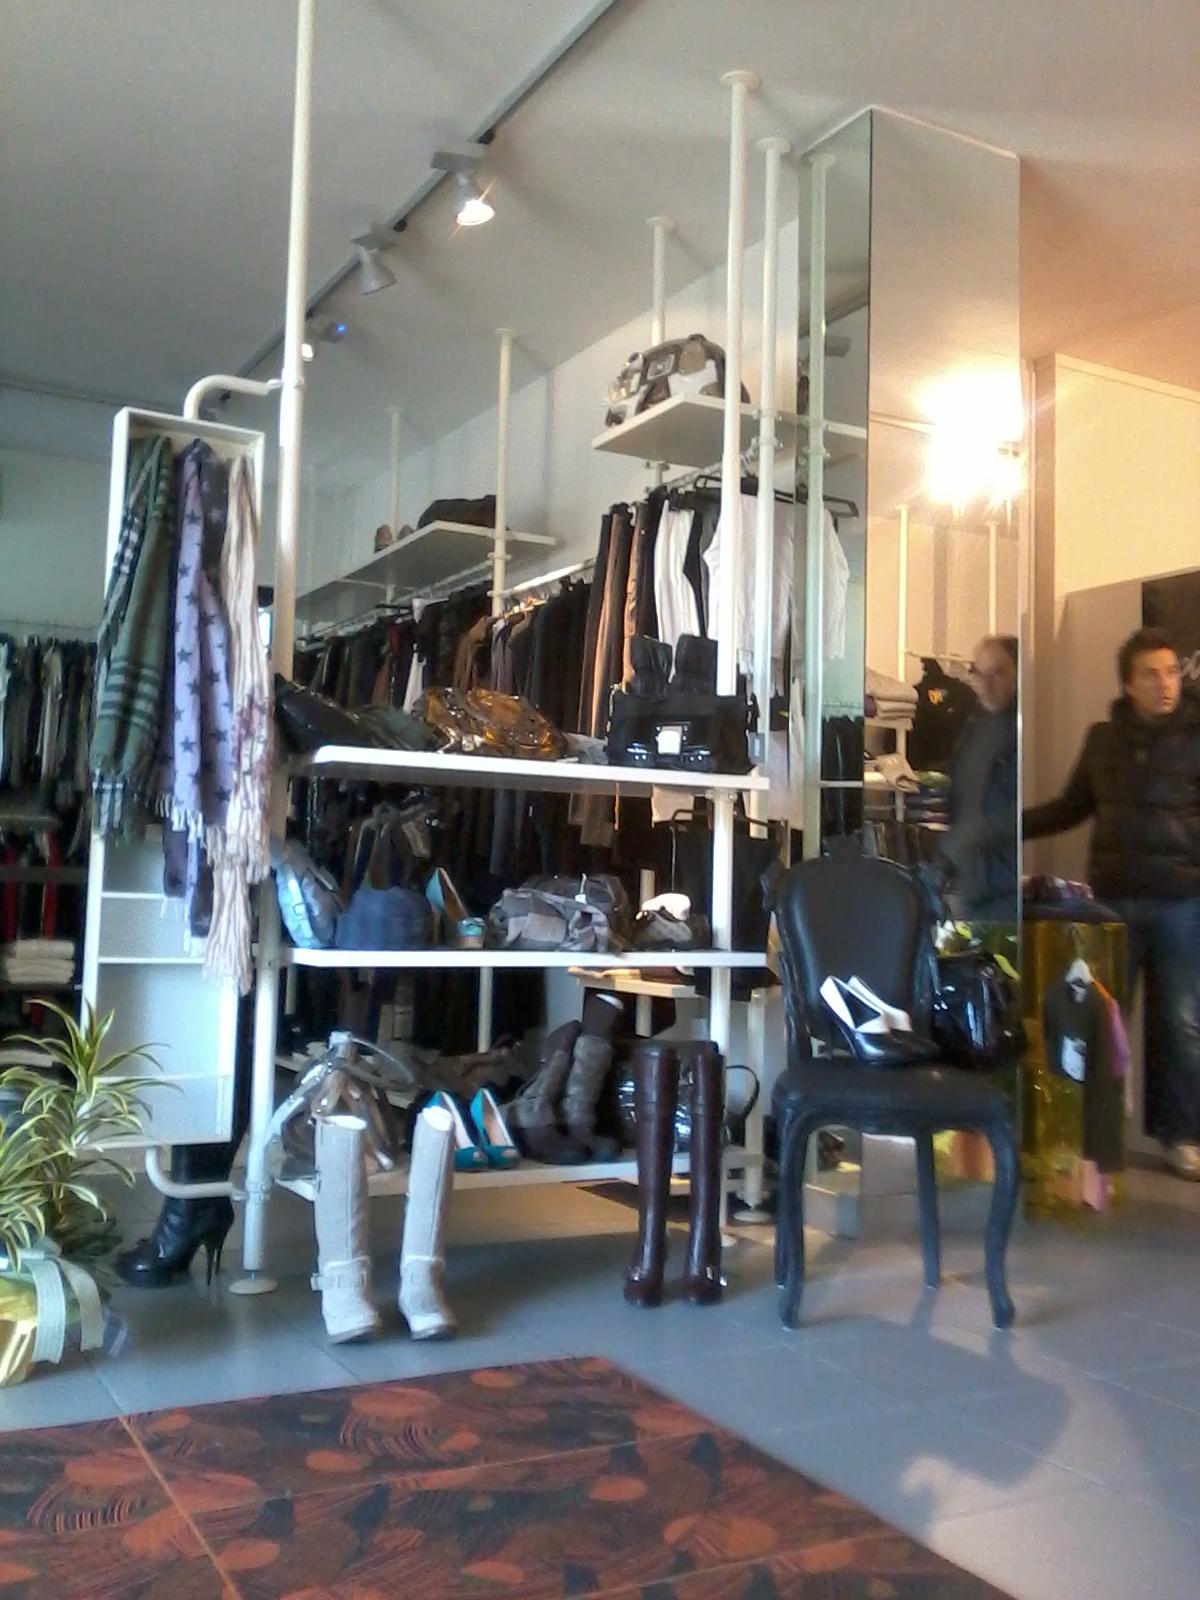 arredamento francese roma: i tessuti di christian lacroix per la ... - Arredamento Interni Negozi Roma